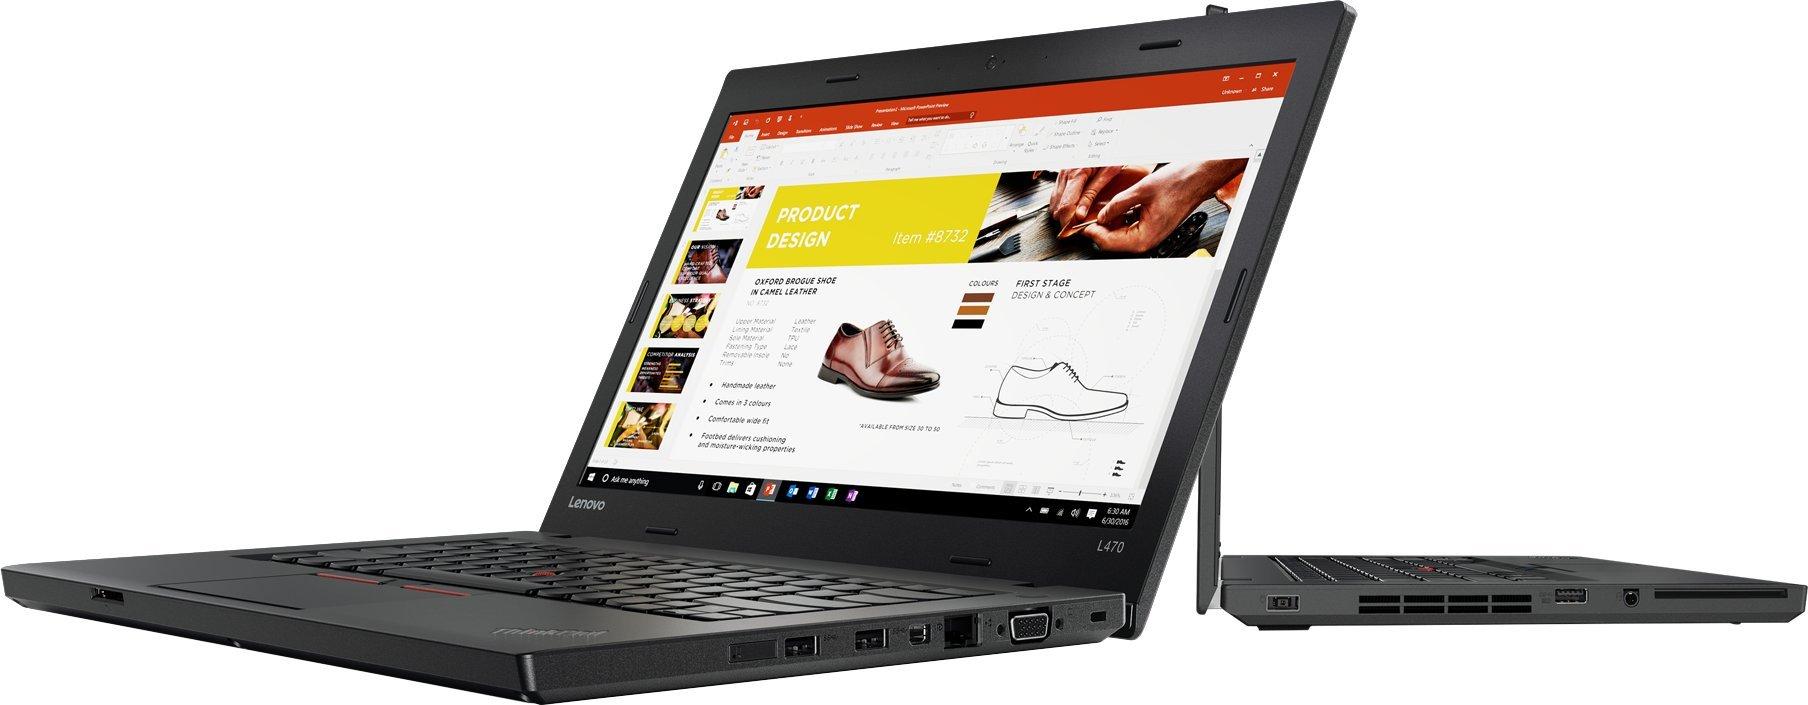 Lenovo ThinkPad L470